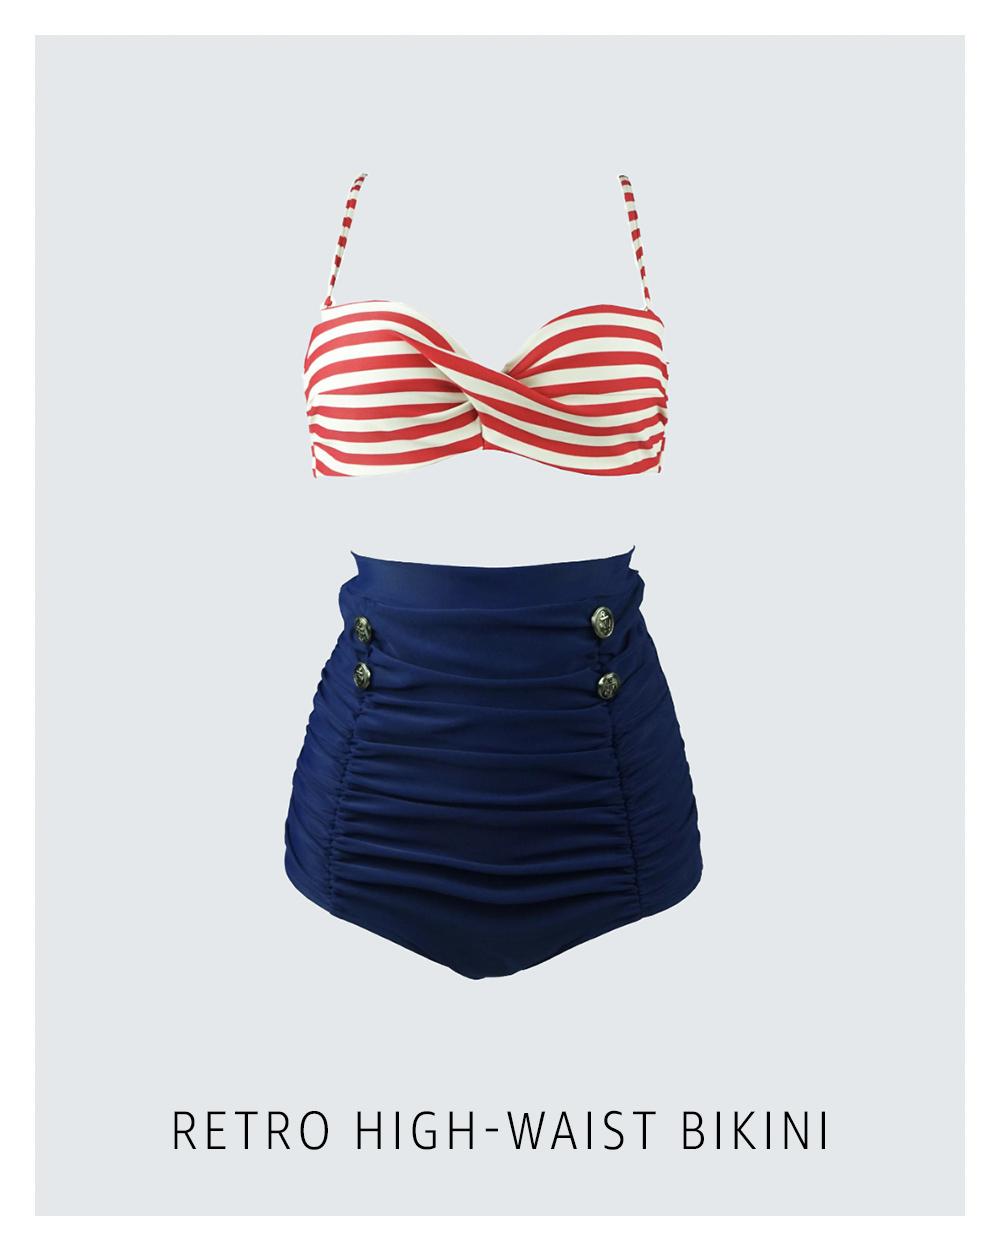 Vintage-style bikini